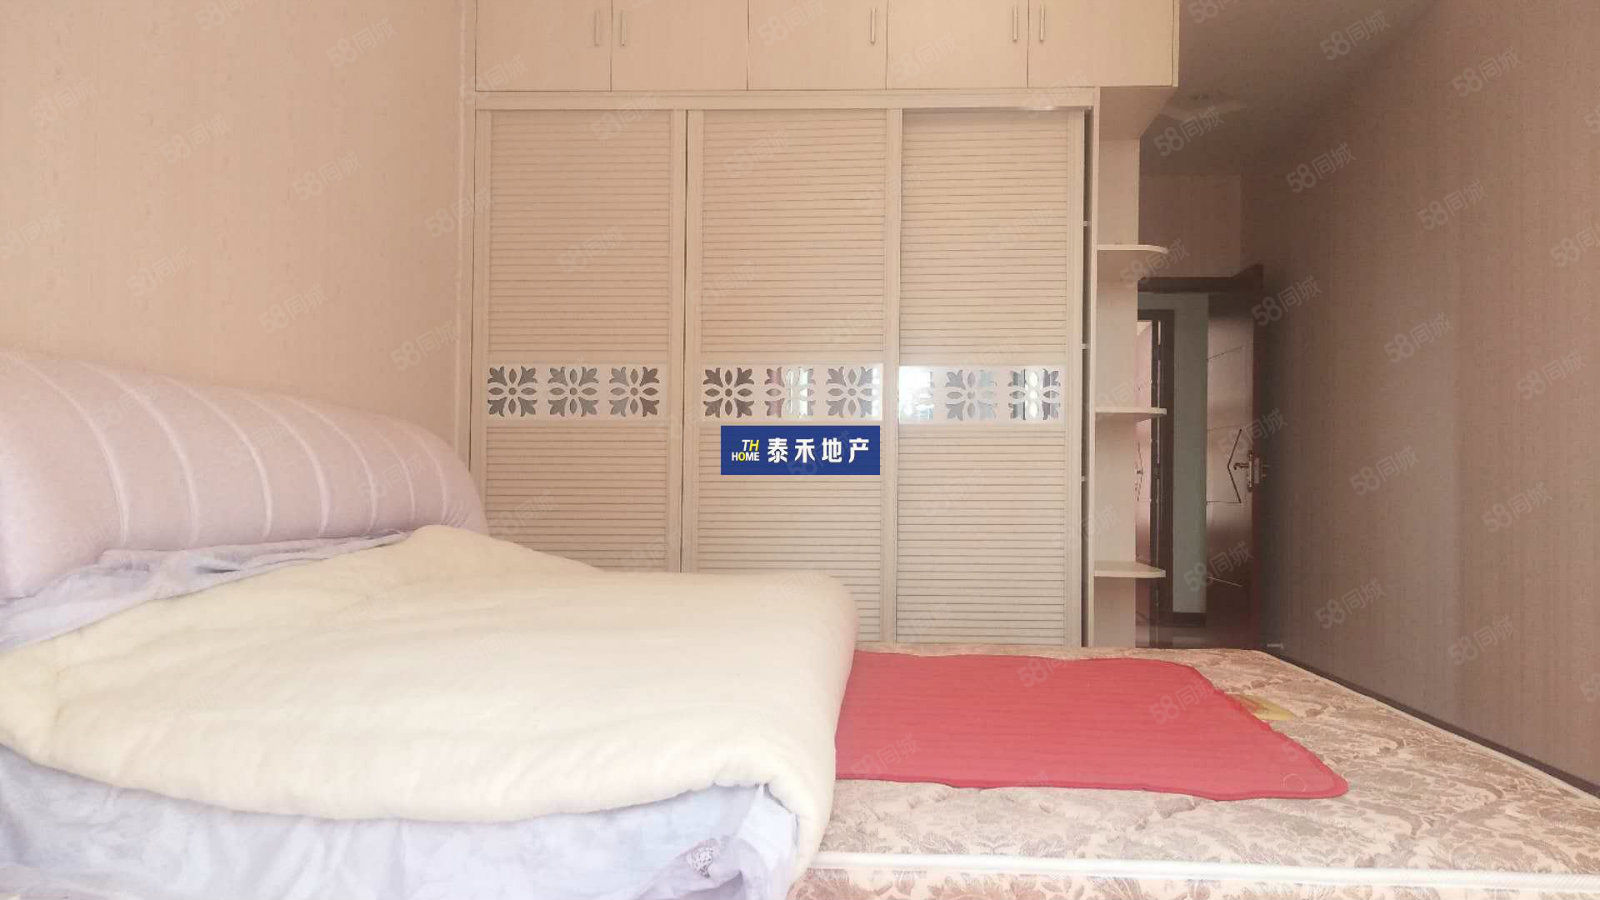 金桥仁湖花园独立电梯入户酒店式精装洋房全屋名牌家电